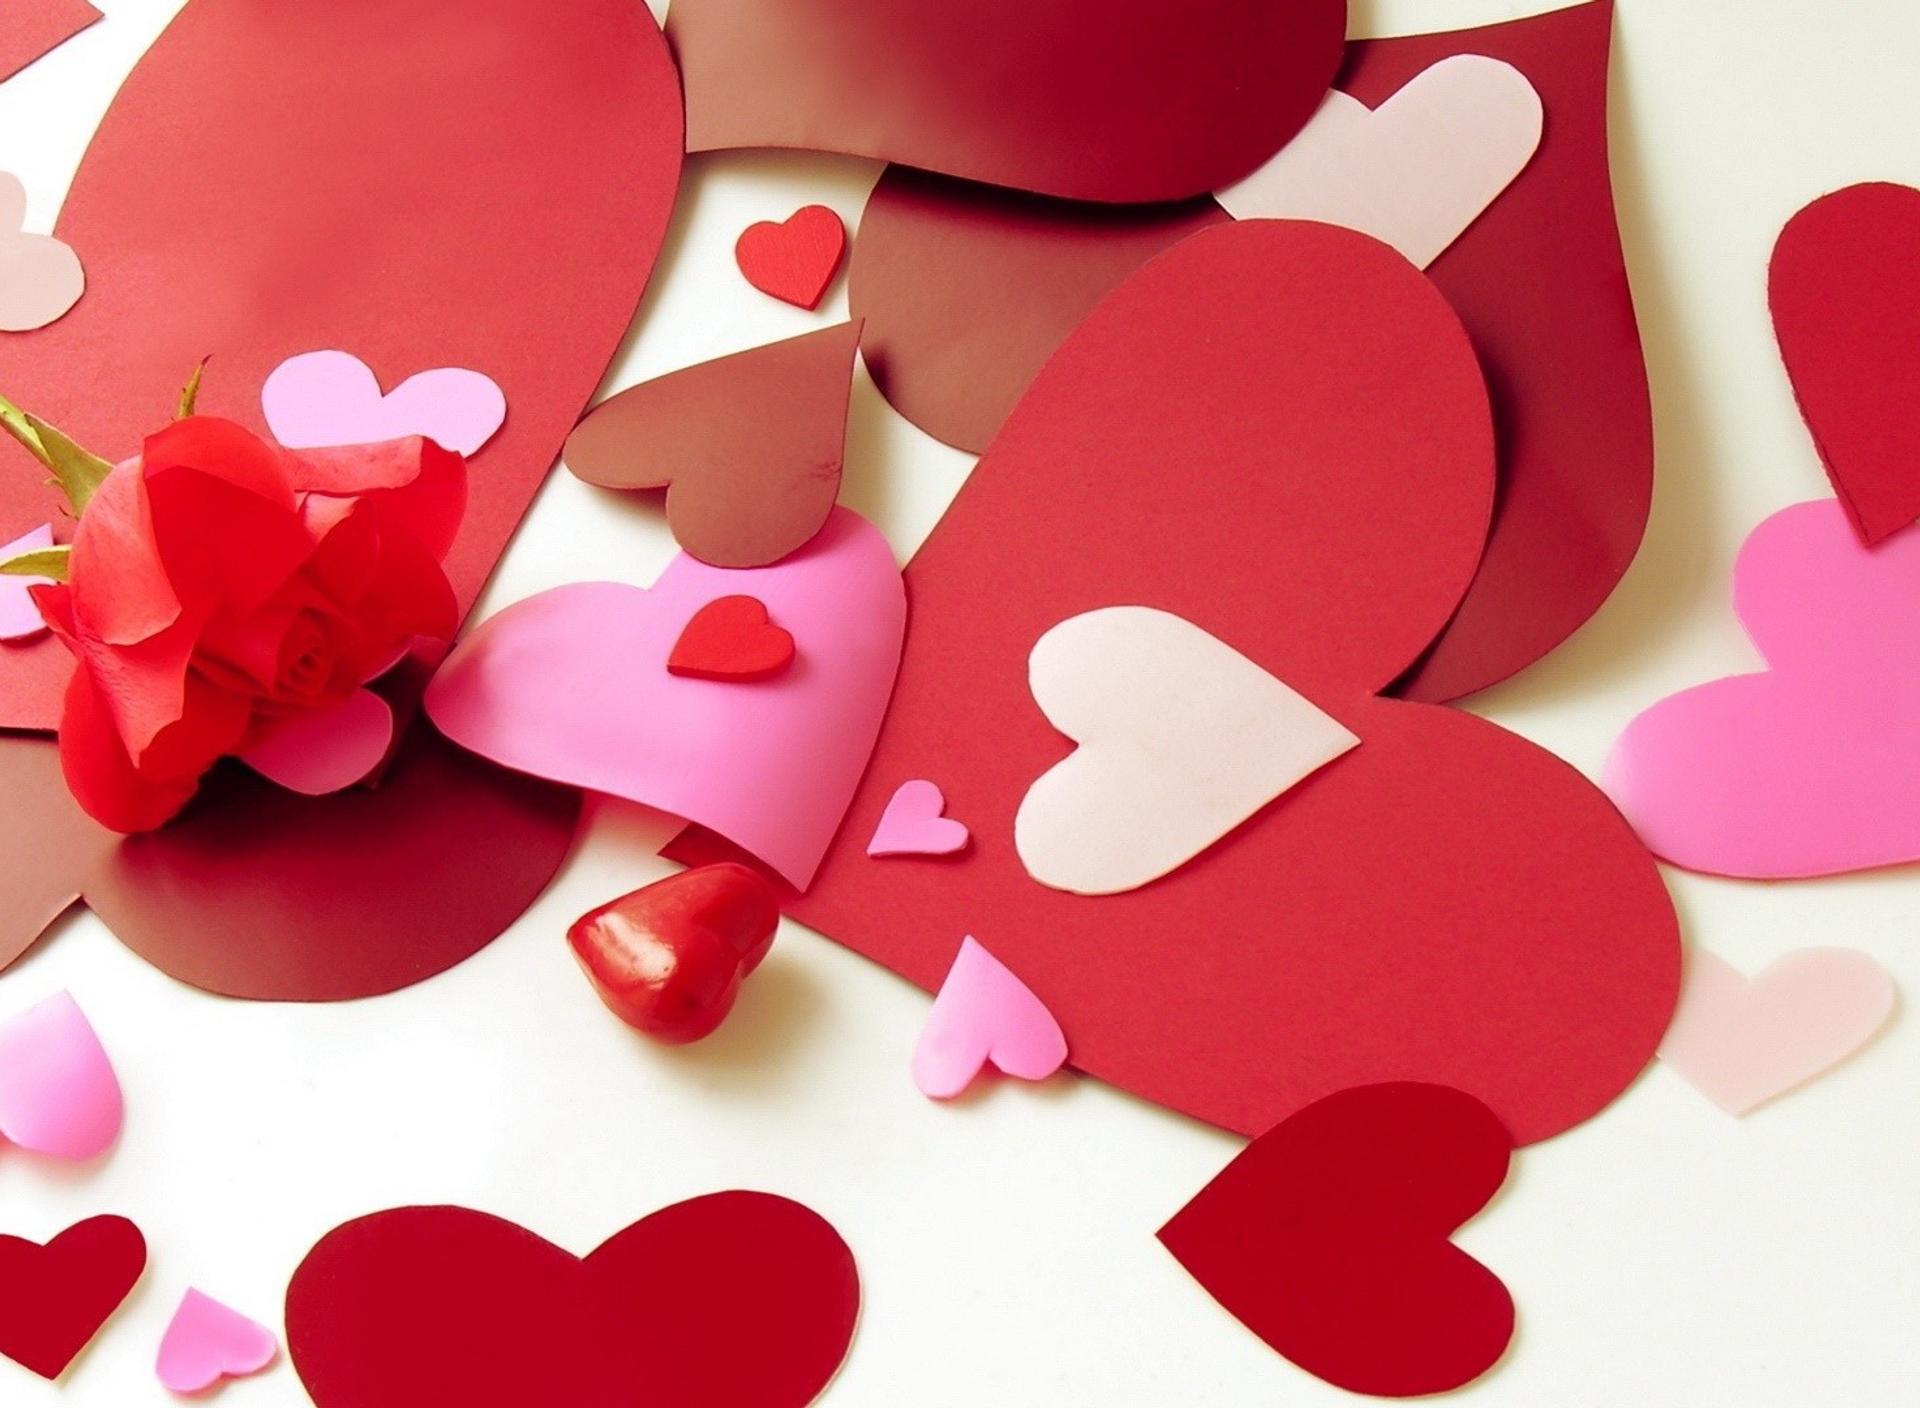 Открытка из сердечек из 5